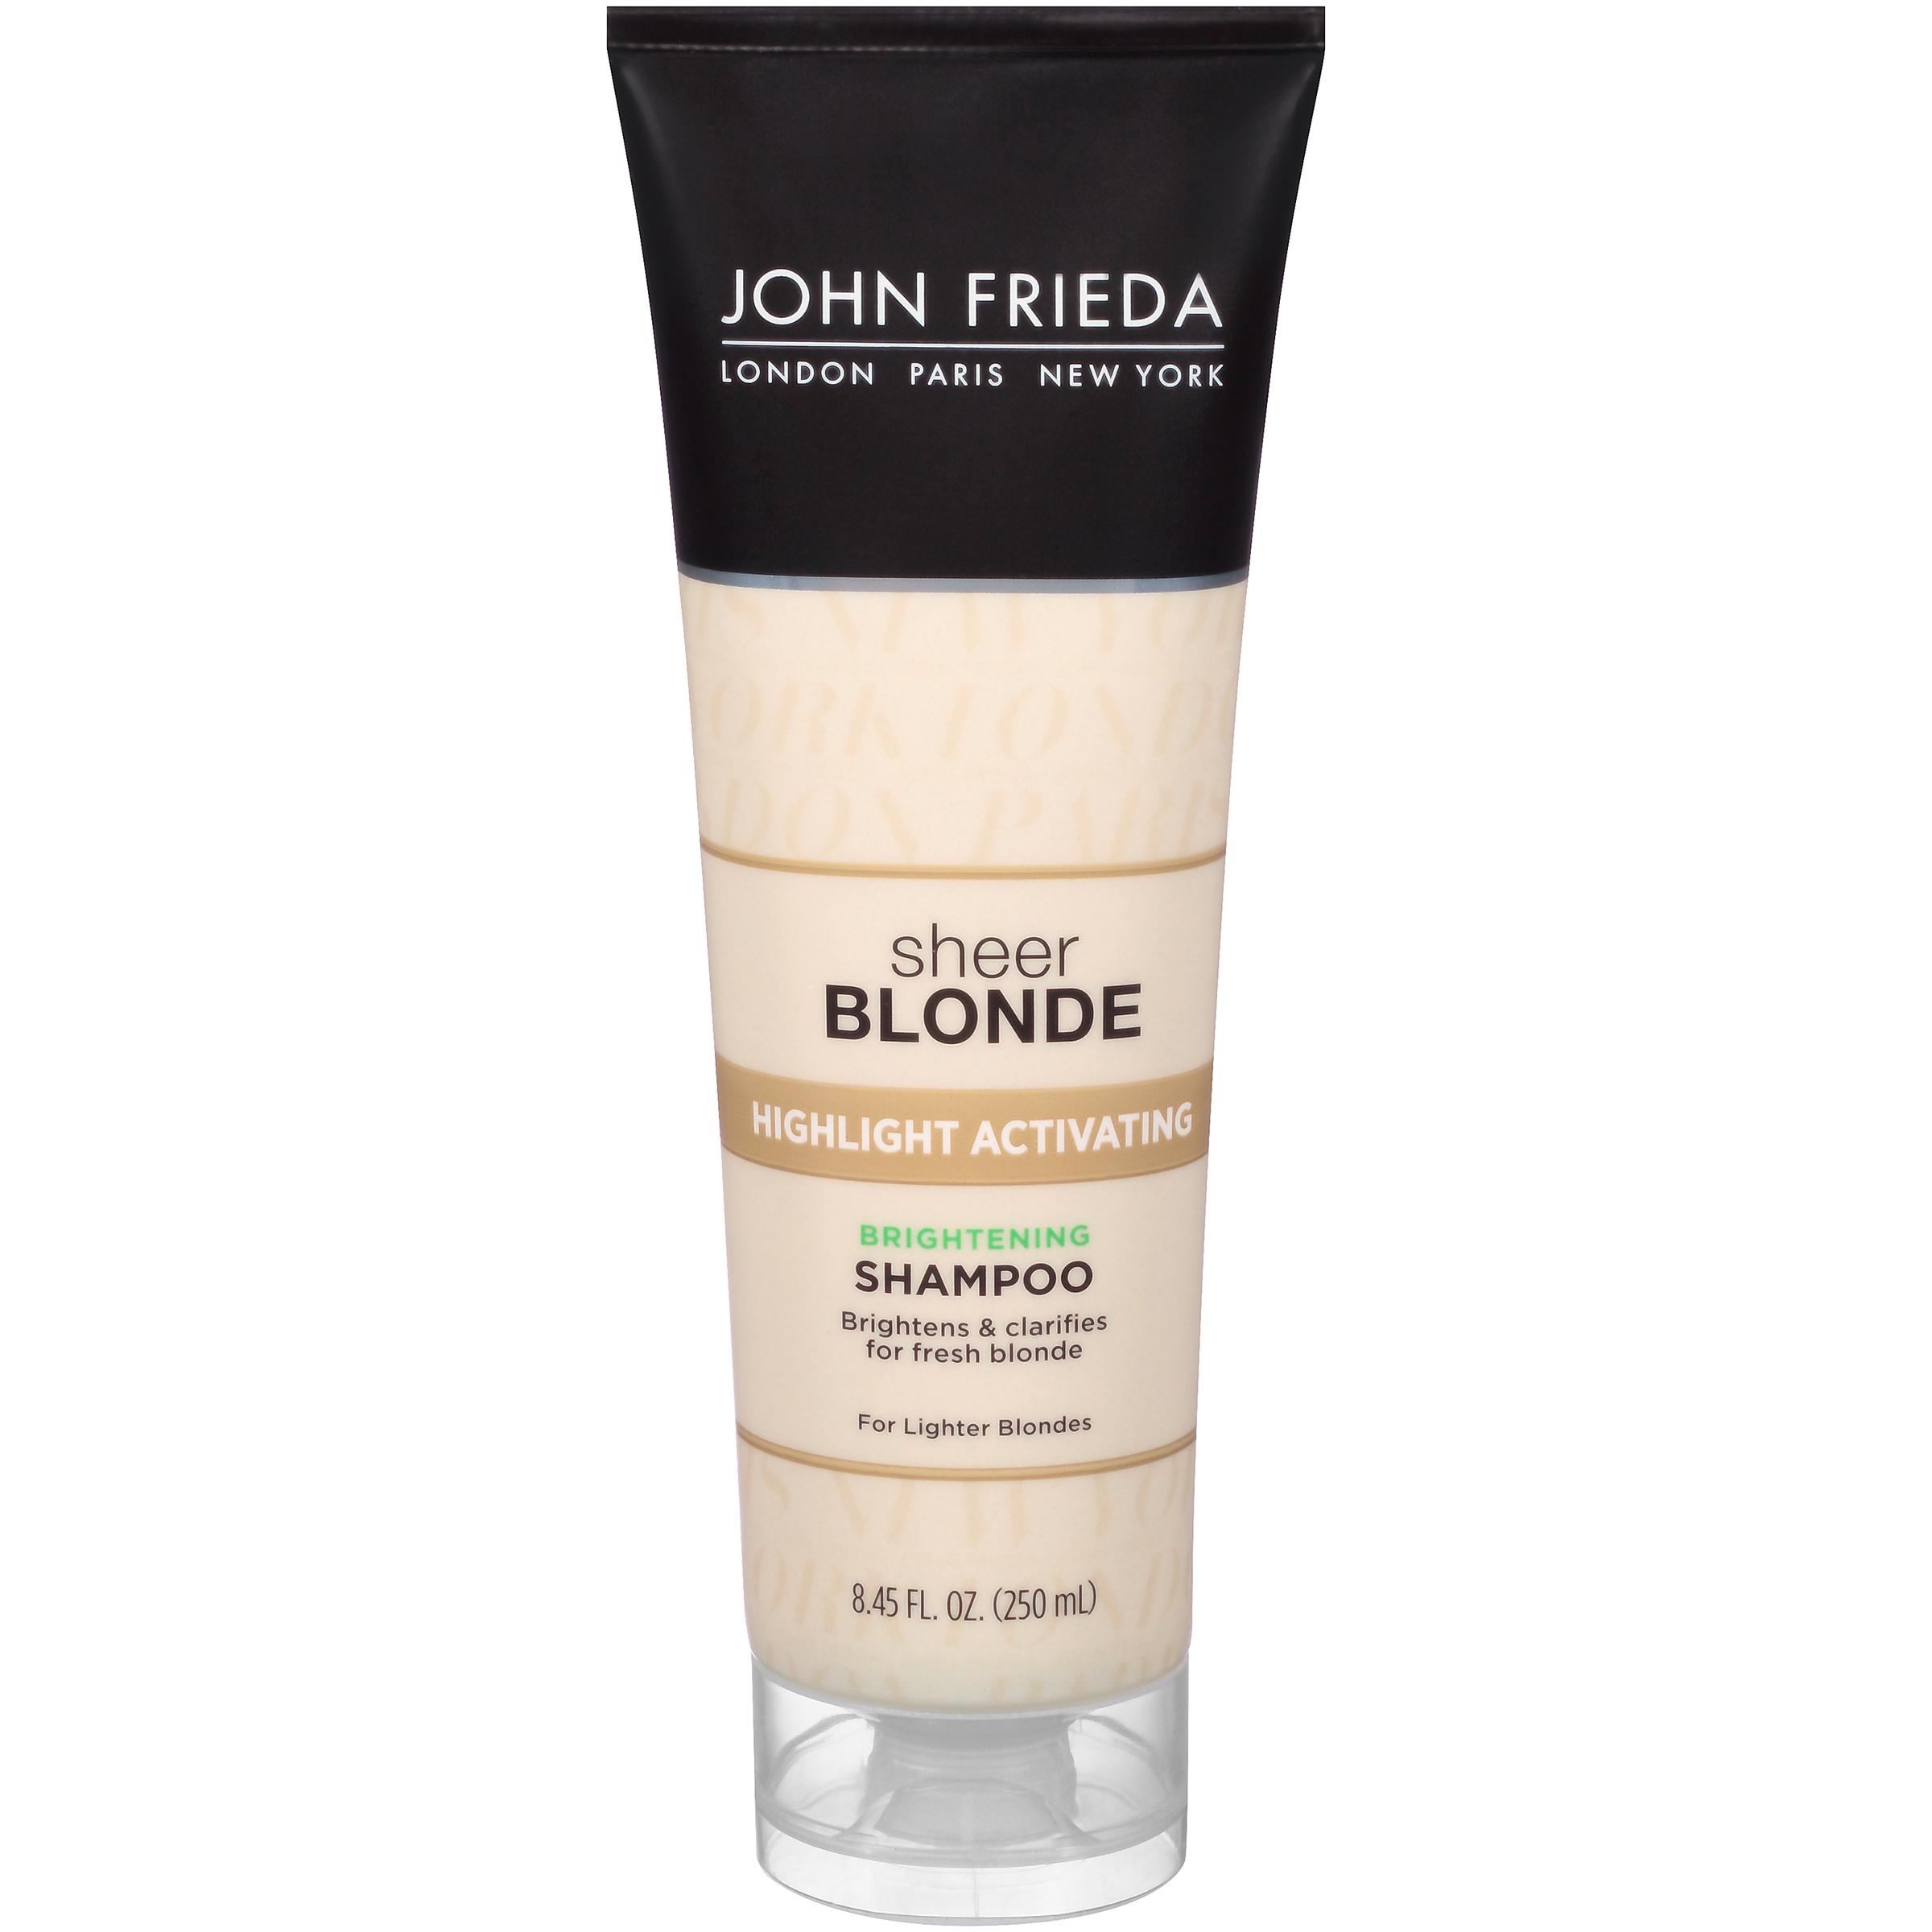 John Frieda Sheer Blonde Highlight Activating Brightening Shampoo, Lighter Blondes, 8.45 Oz